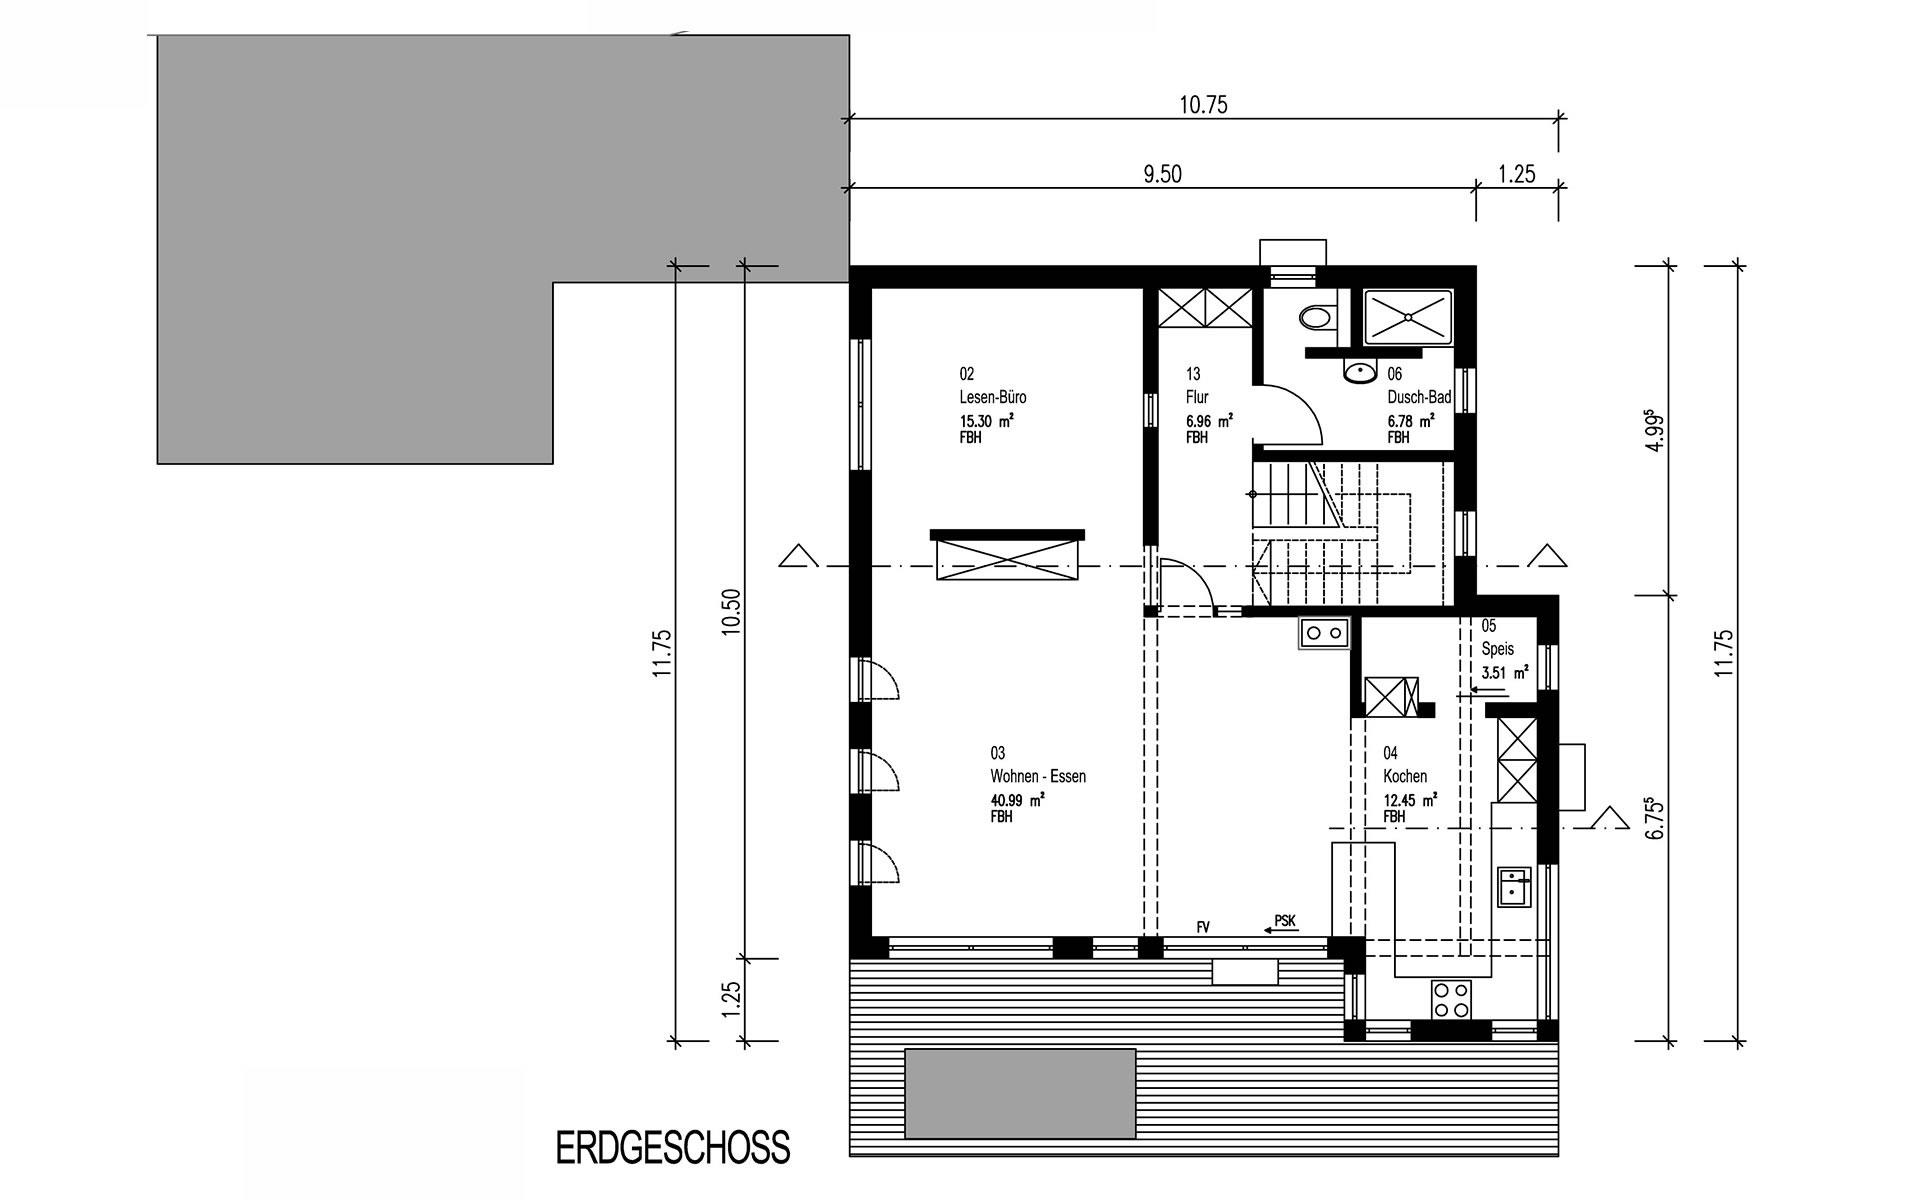 Erdgeschoss Hegger von Sonnleitner Holzbauwerke GmbH & Co. KG